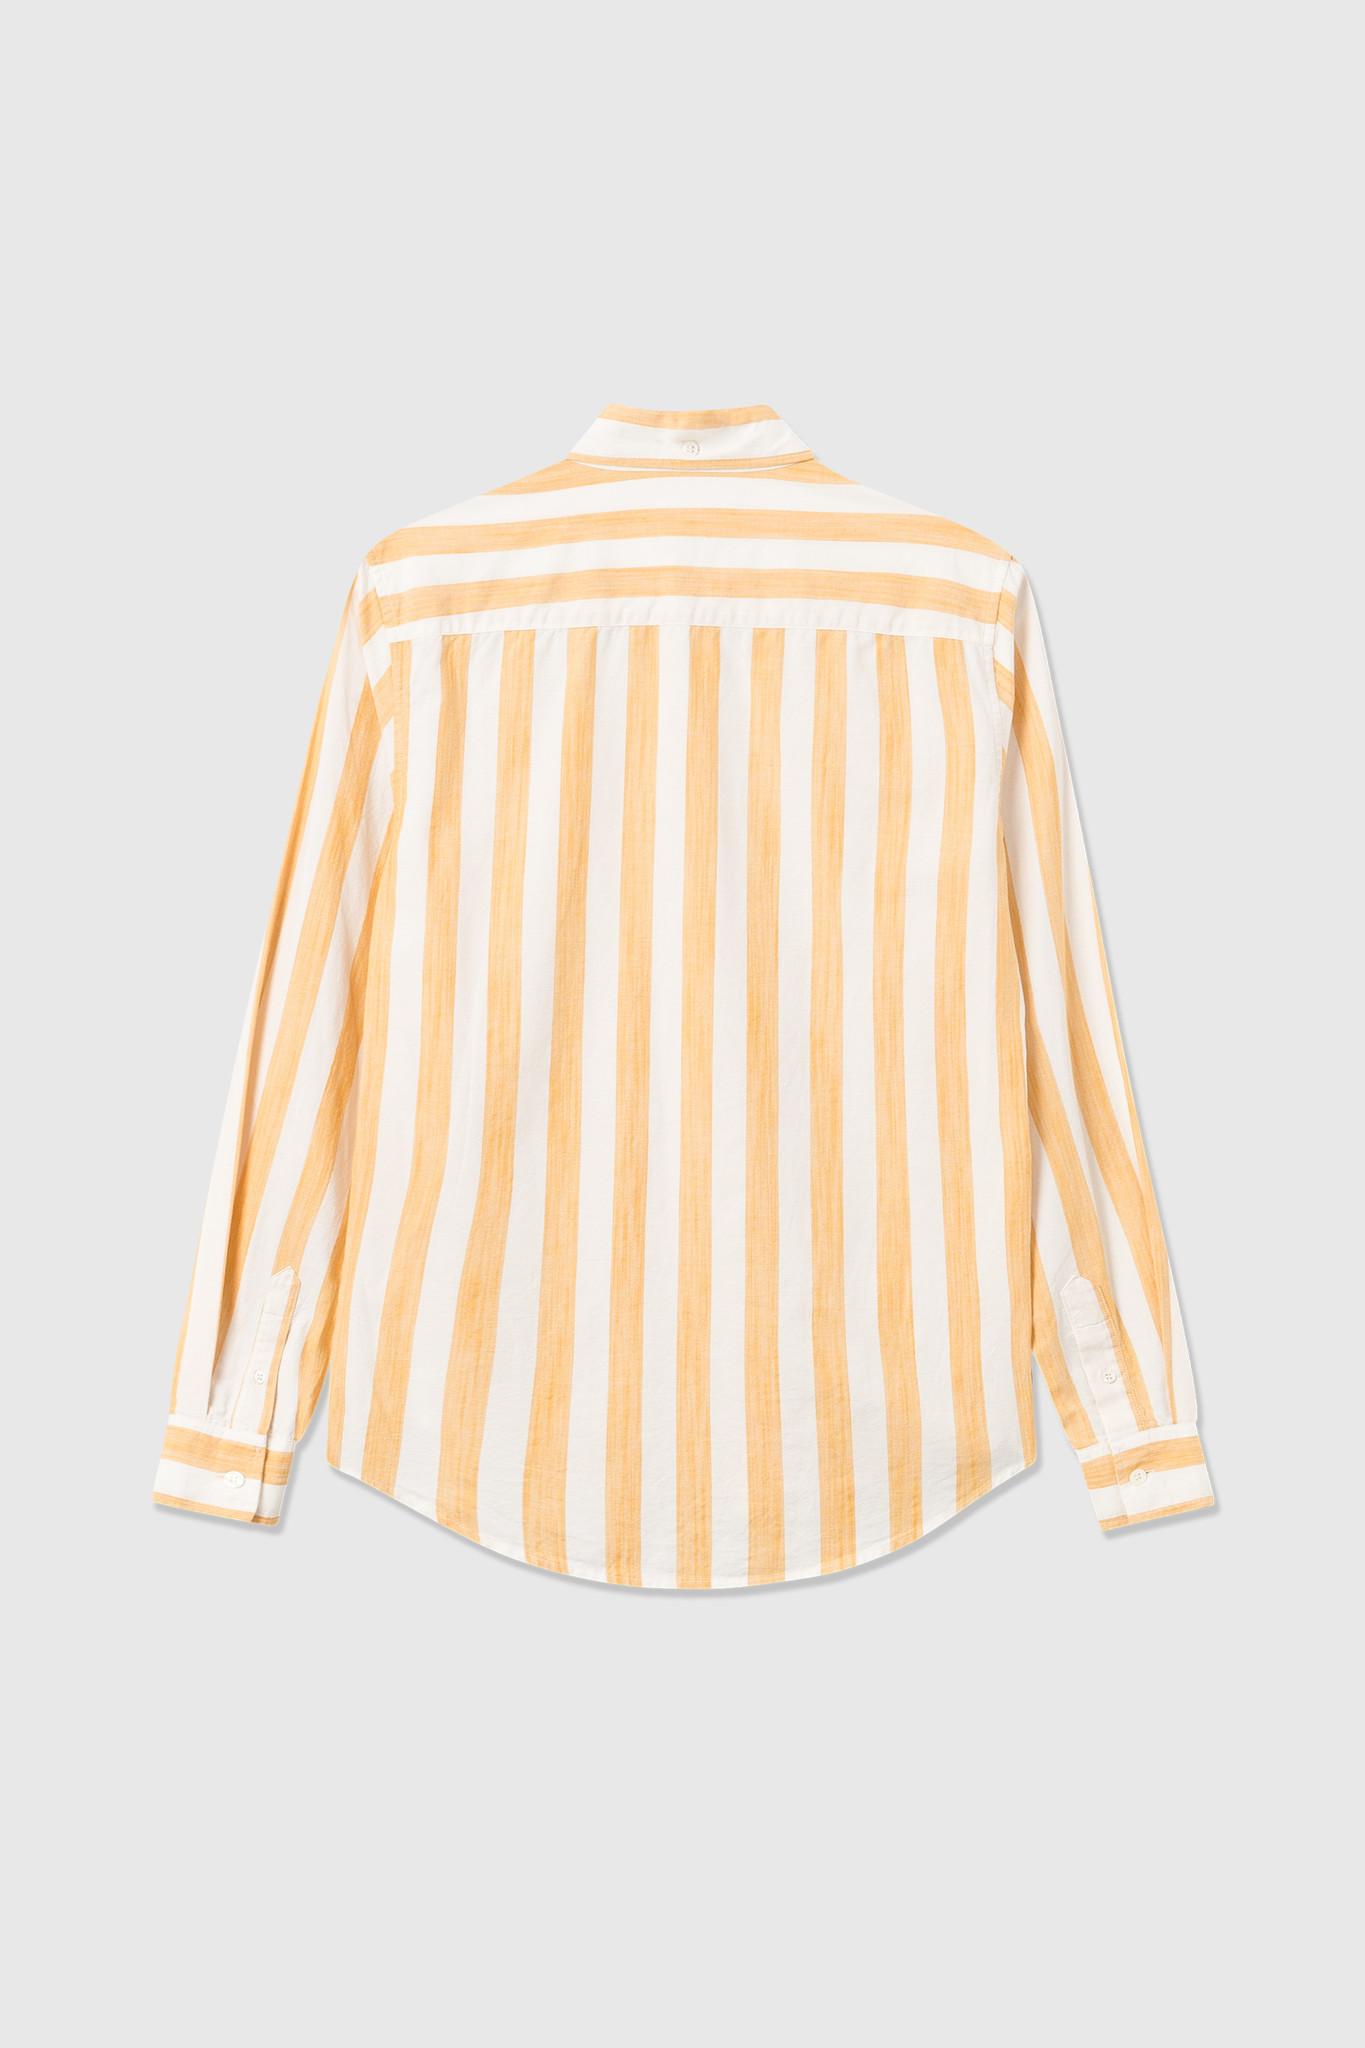 Adam Wide Stripe Shirt wit Geel-2